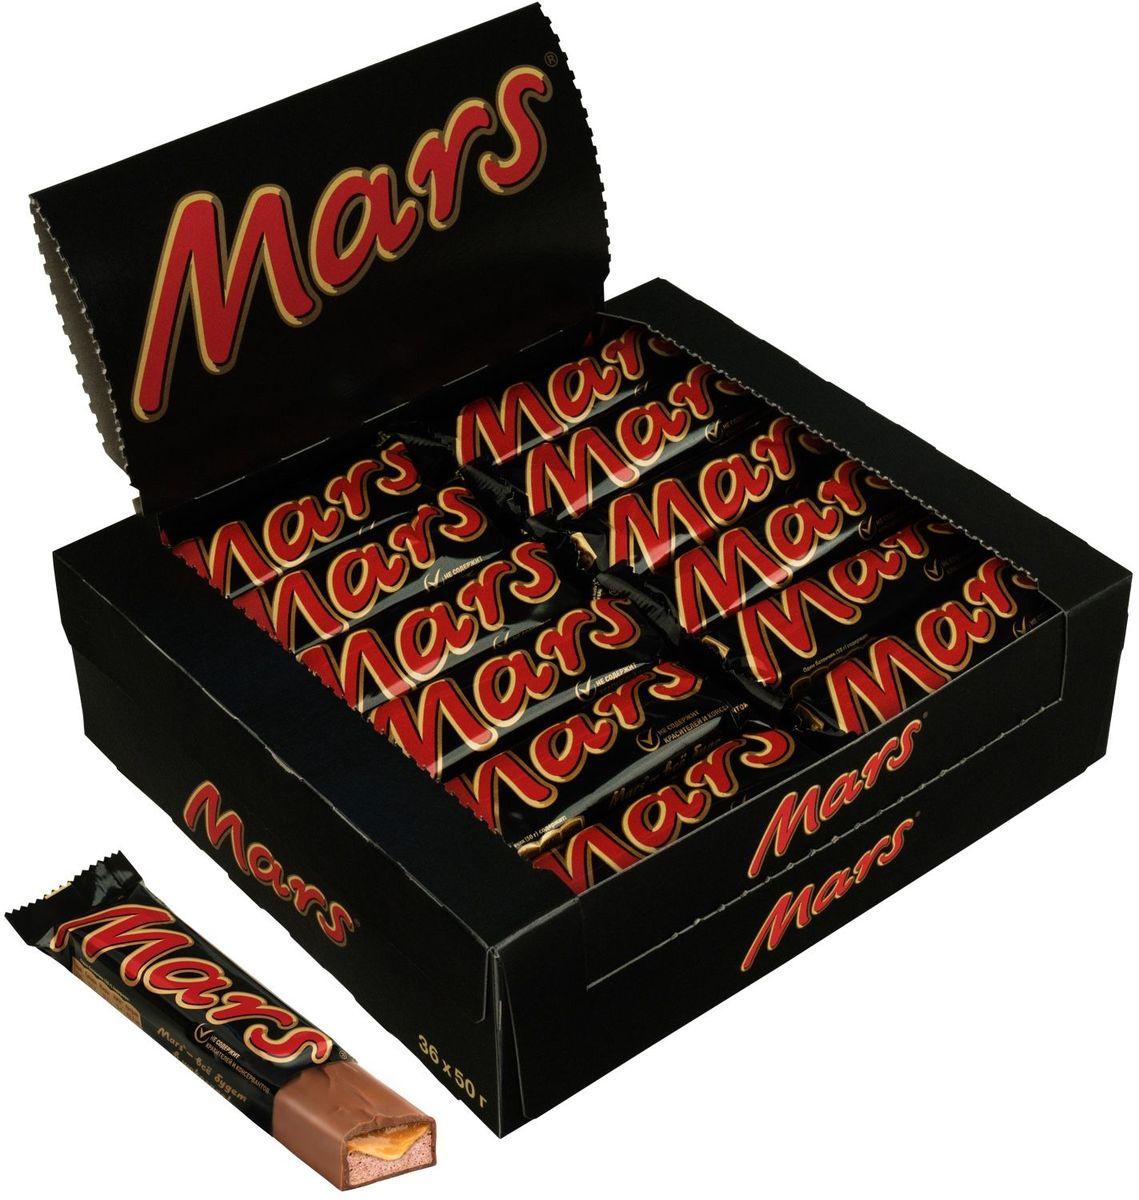 Можно купить шоколадные сигареты продажа сигарет оптом цены